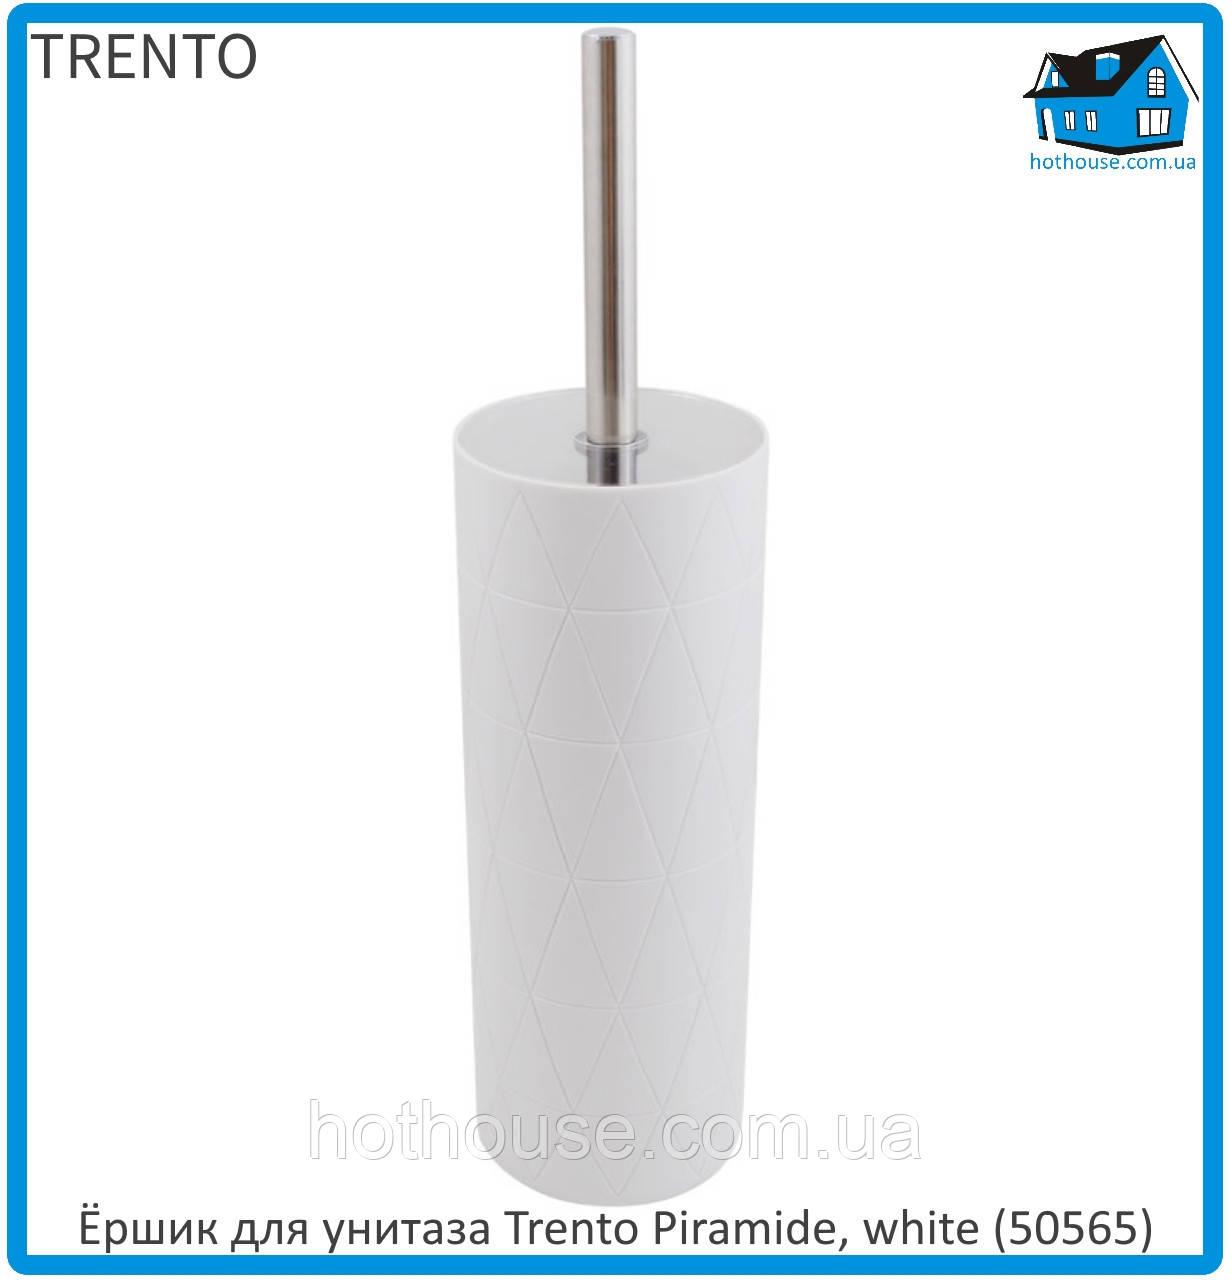 Ёршик для унитаза Trento Piramide, white (50565) 11